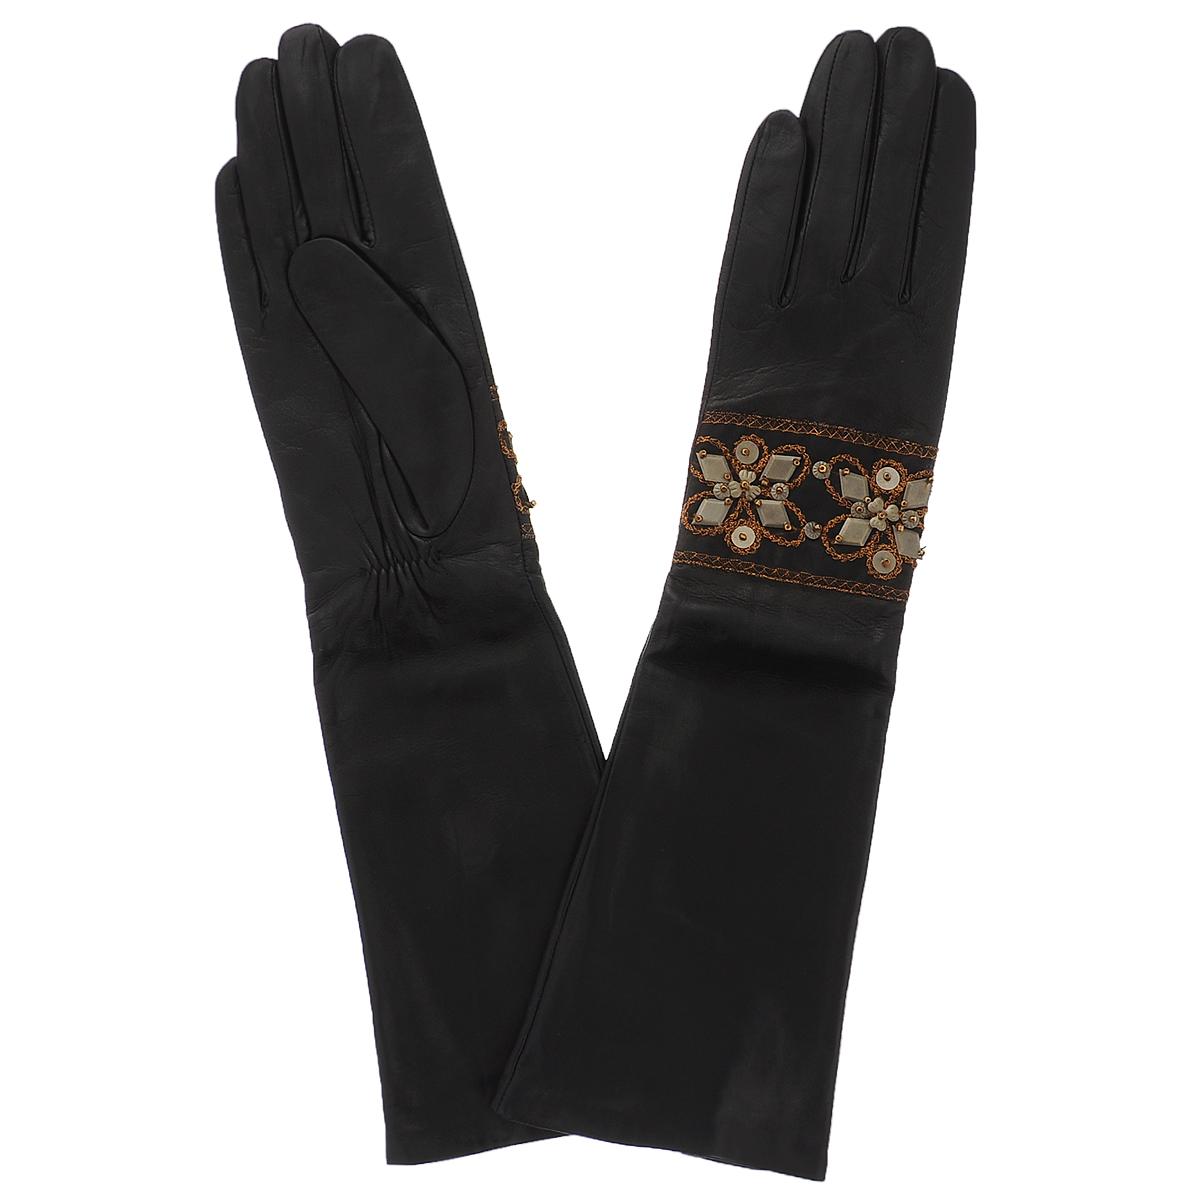 Перчатки женские Dali Exclusive, цвет: черный. 81_UNE_21/BL//11. Размер 6,581_UNE_21/BL//11Стильные удлиненные перчатки Dali Exclusive с шелковой подкладкой выполнены из мягкой и приятной на ощупь натуральной кожи ягненка. На внутренней стороне под большим пальцем сборка на резинке. Лицевая сторона декорирована лентой, расшитой блестящей нитью и аппликацией из металлических пластин. Такие перчатки подчеркнут ваш стиль и неповторимость.